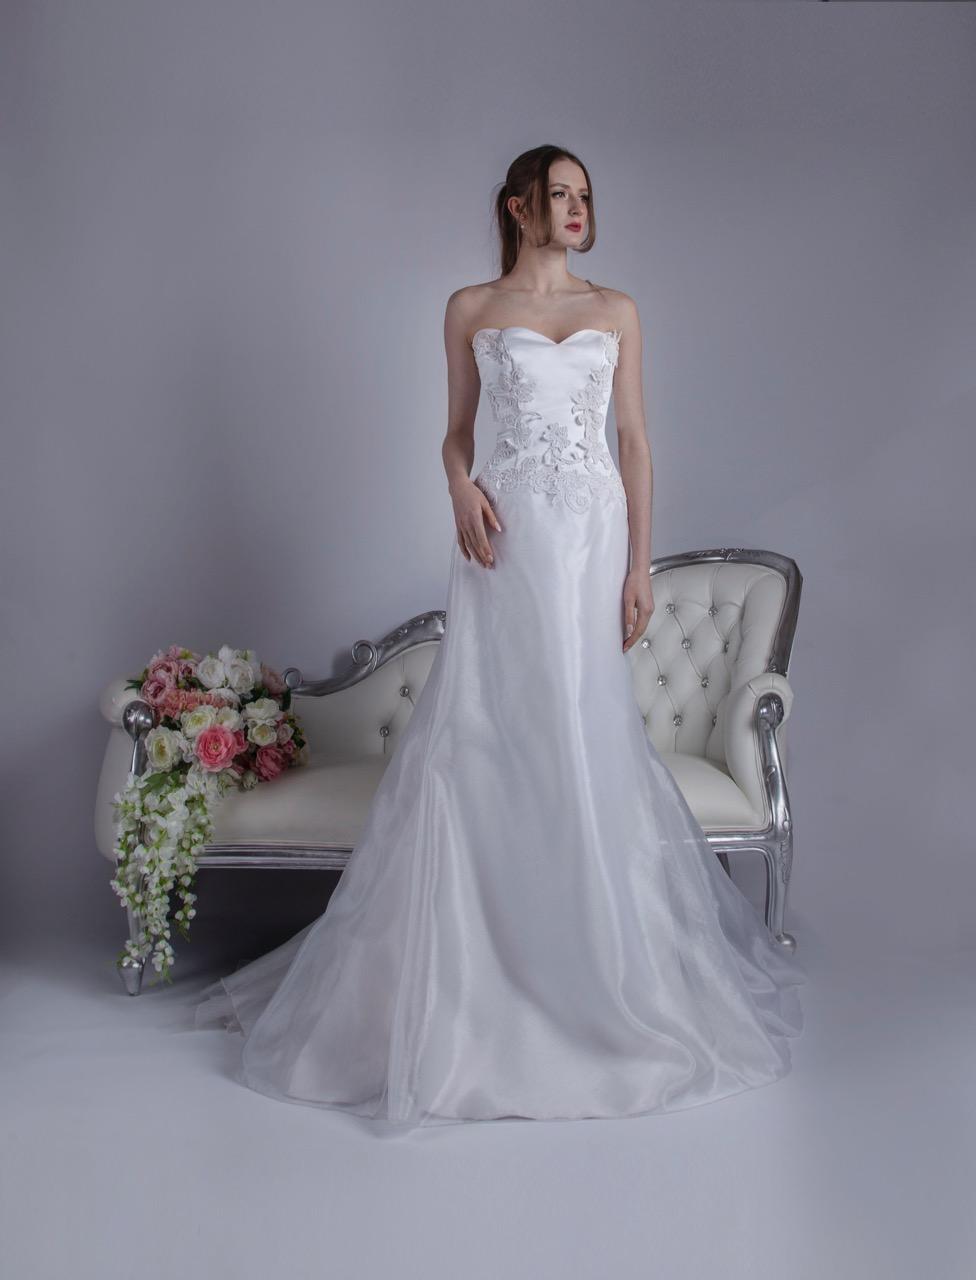 Robe de mariée travaillée avec une dentelle épaisse